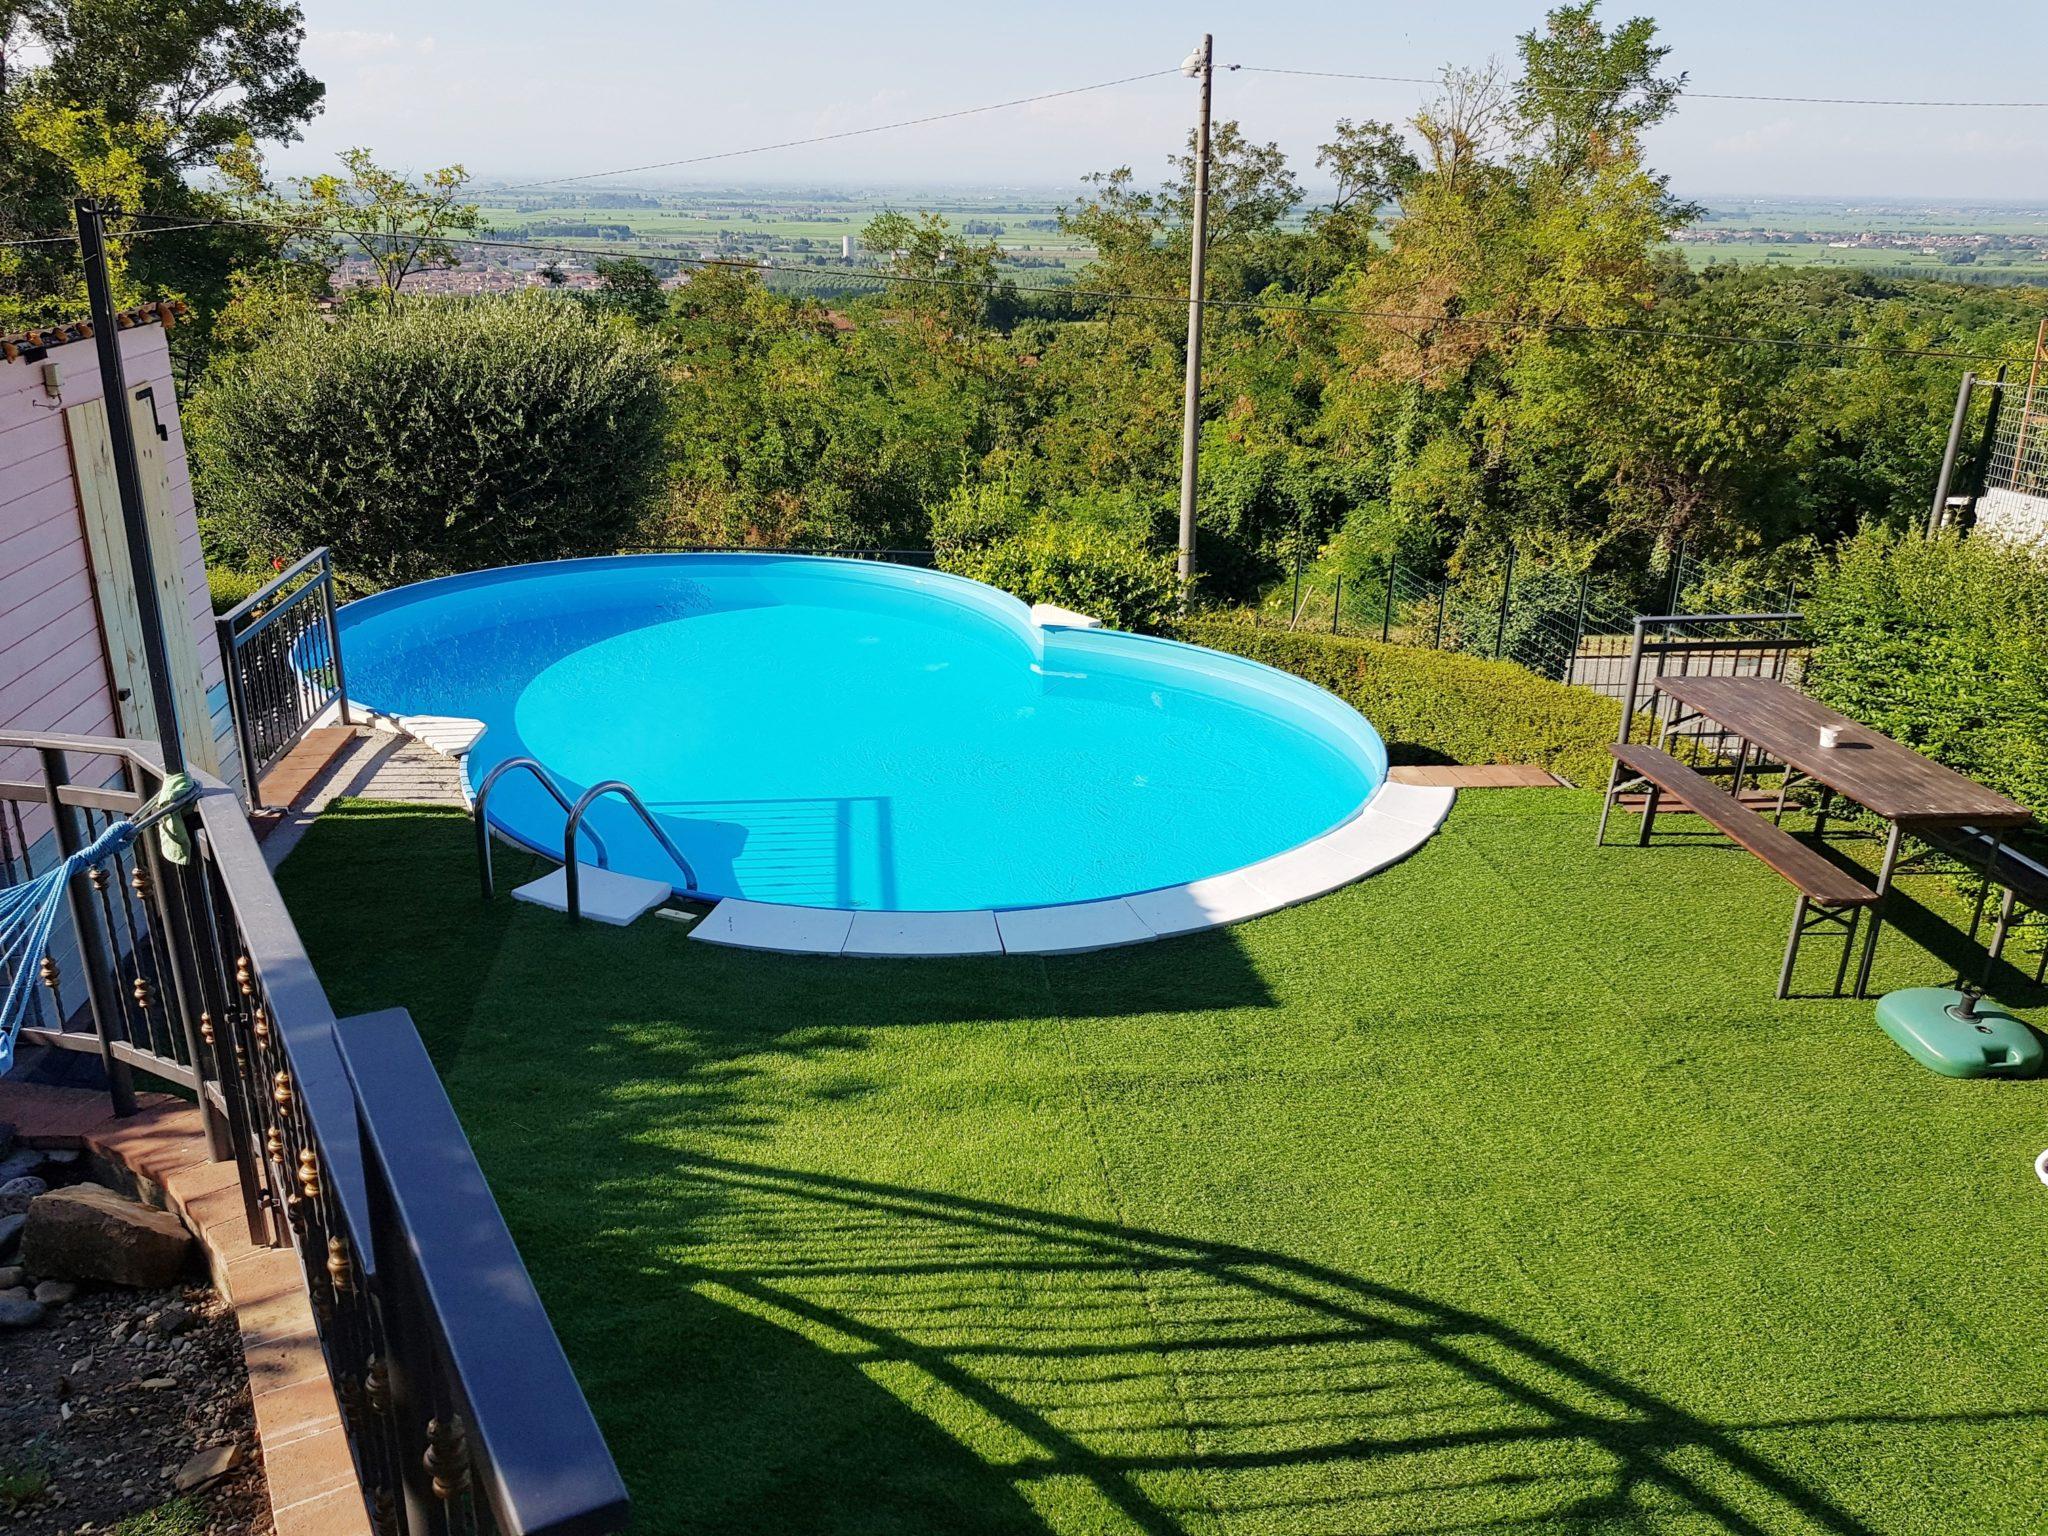 CONIOLO (CENTRO) Vendesi  casa indipendente prestigiosa con piscina